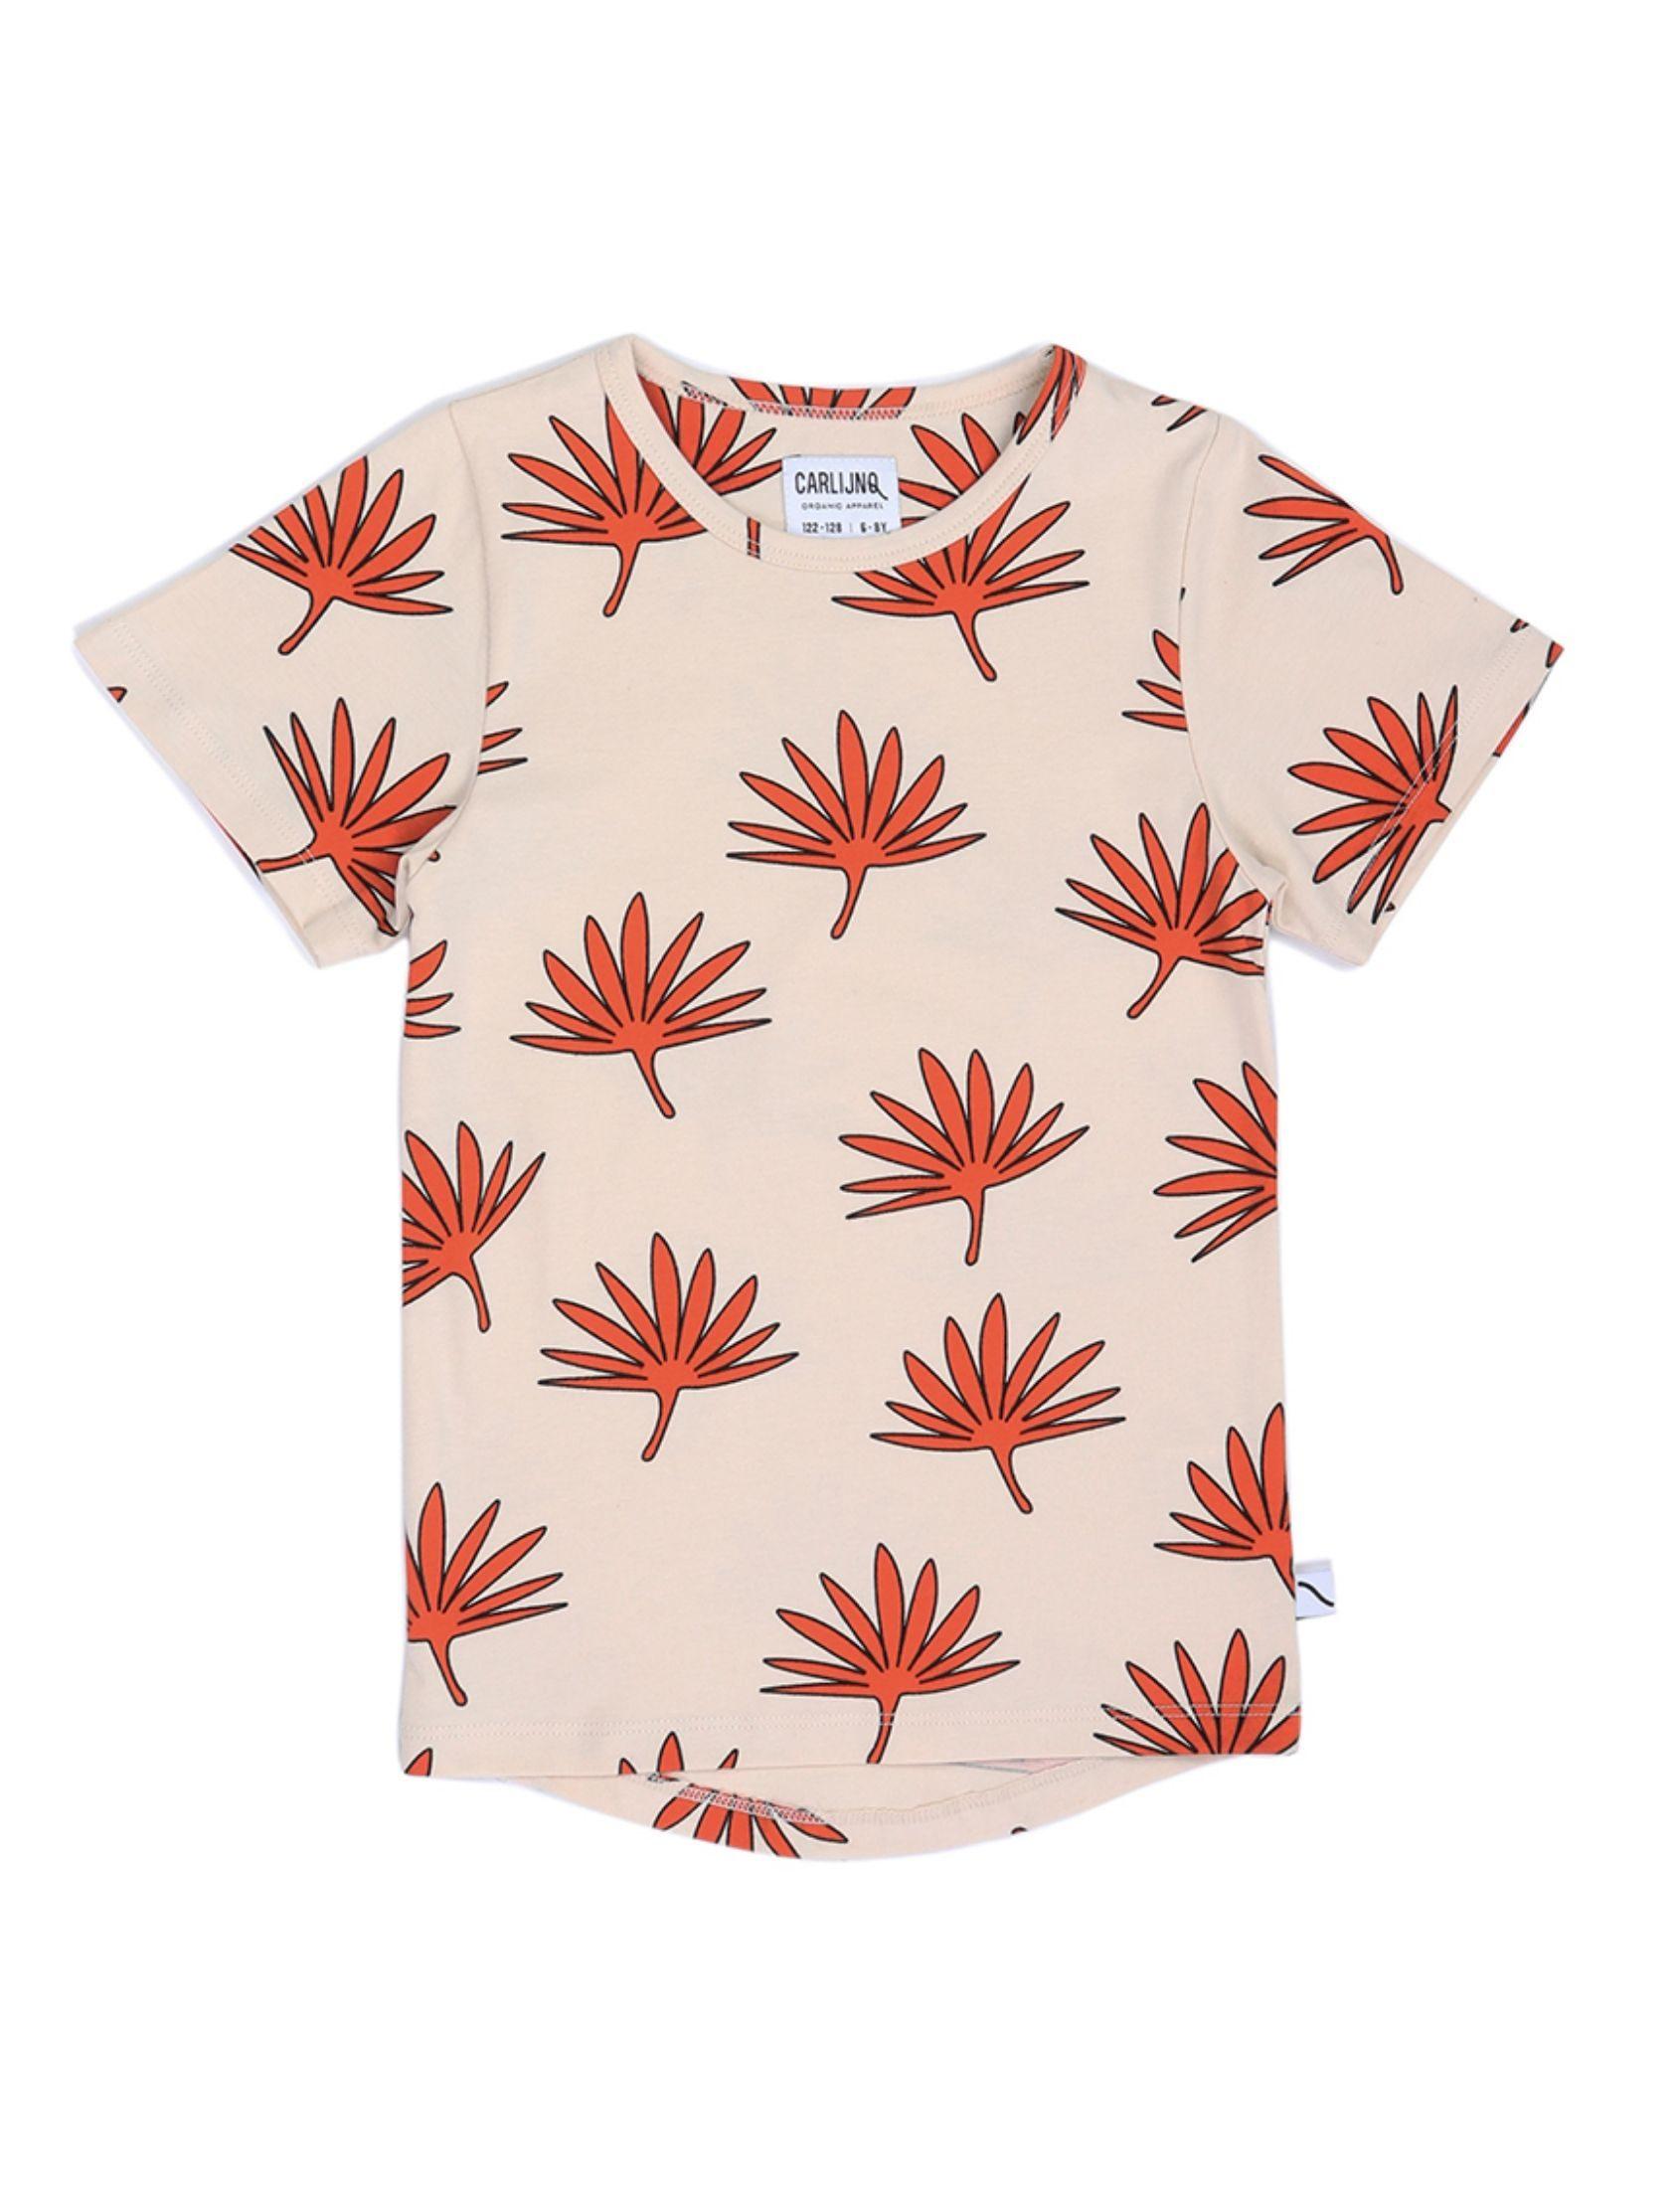 camseta nfantil de carlijnq con estampado de palmeras